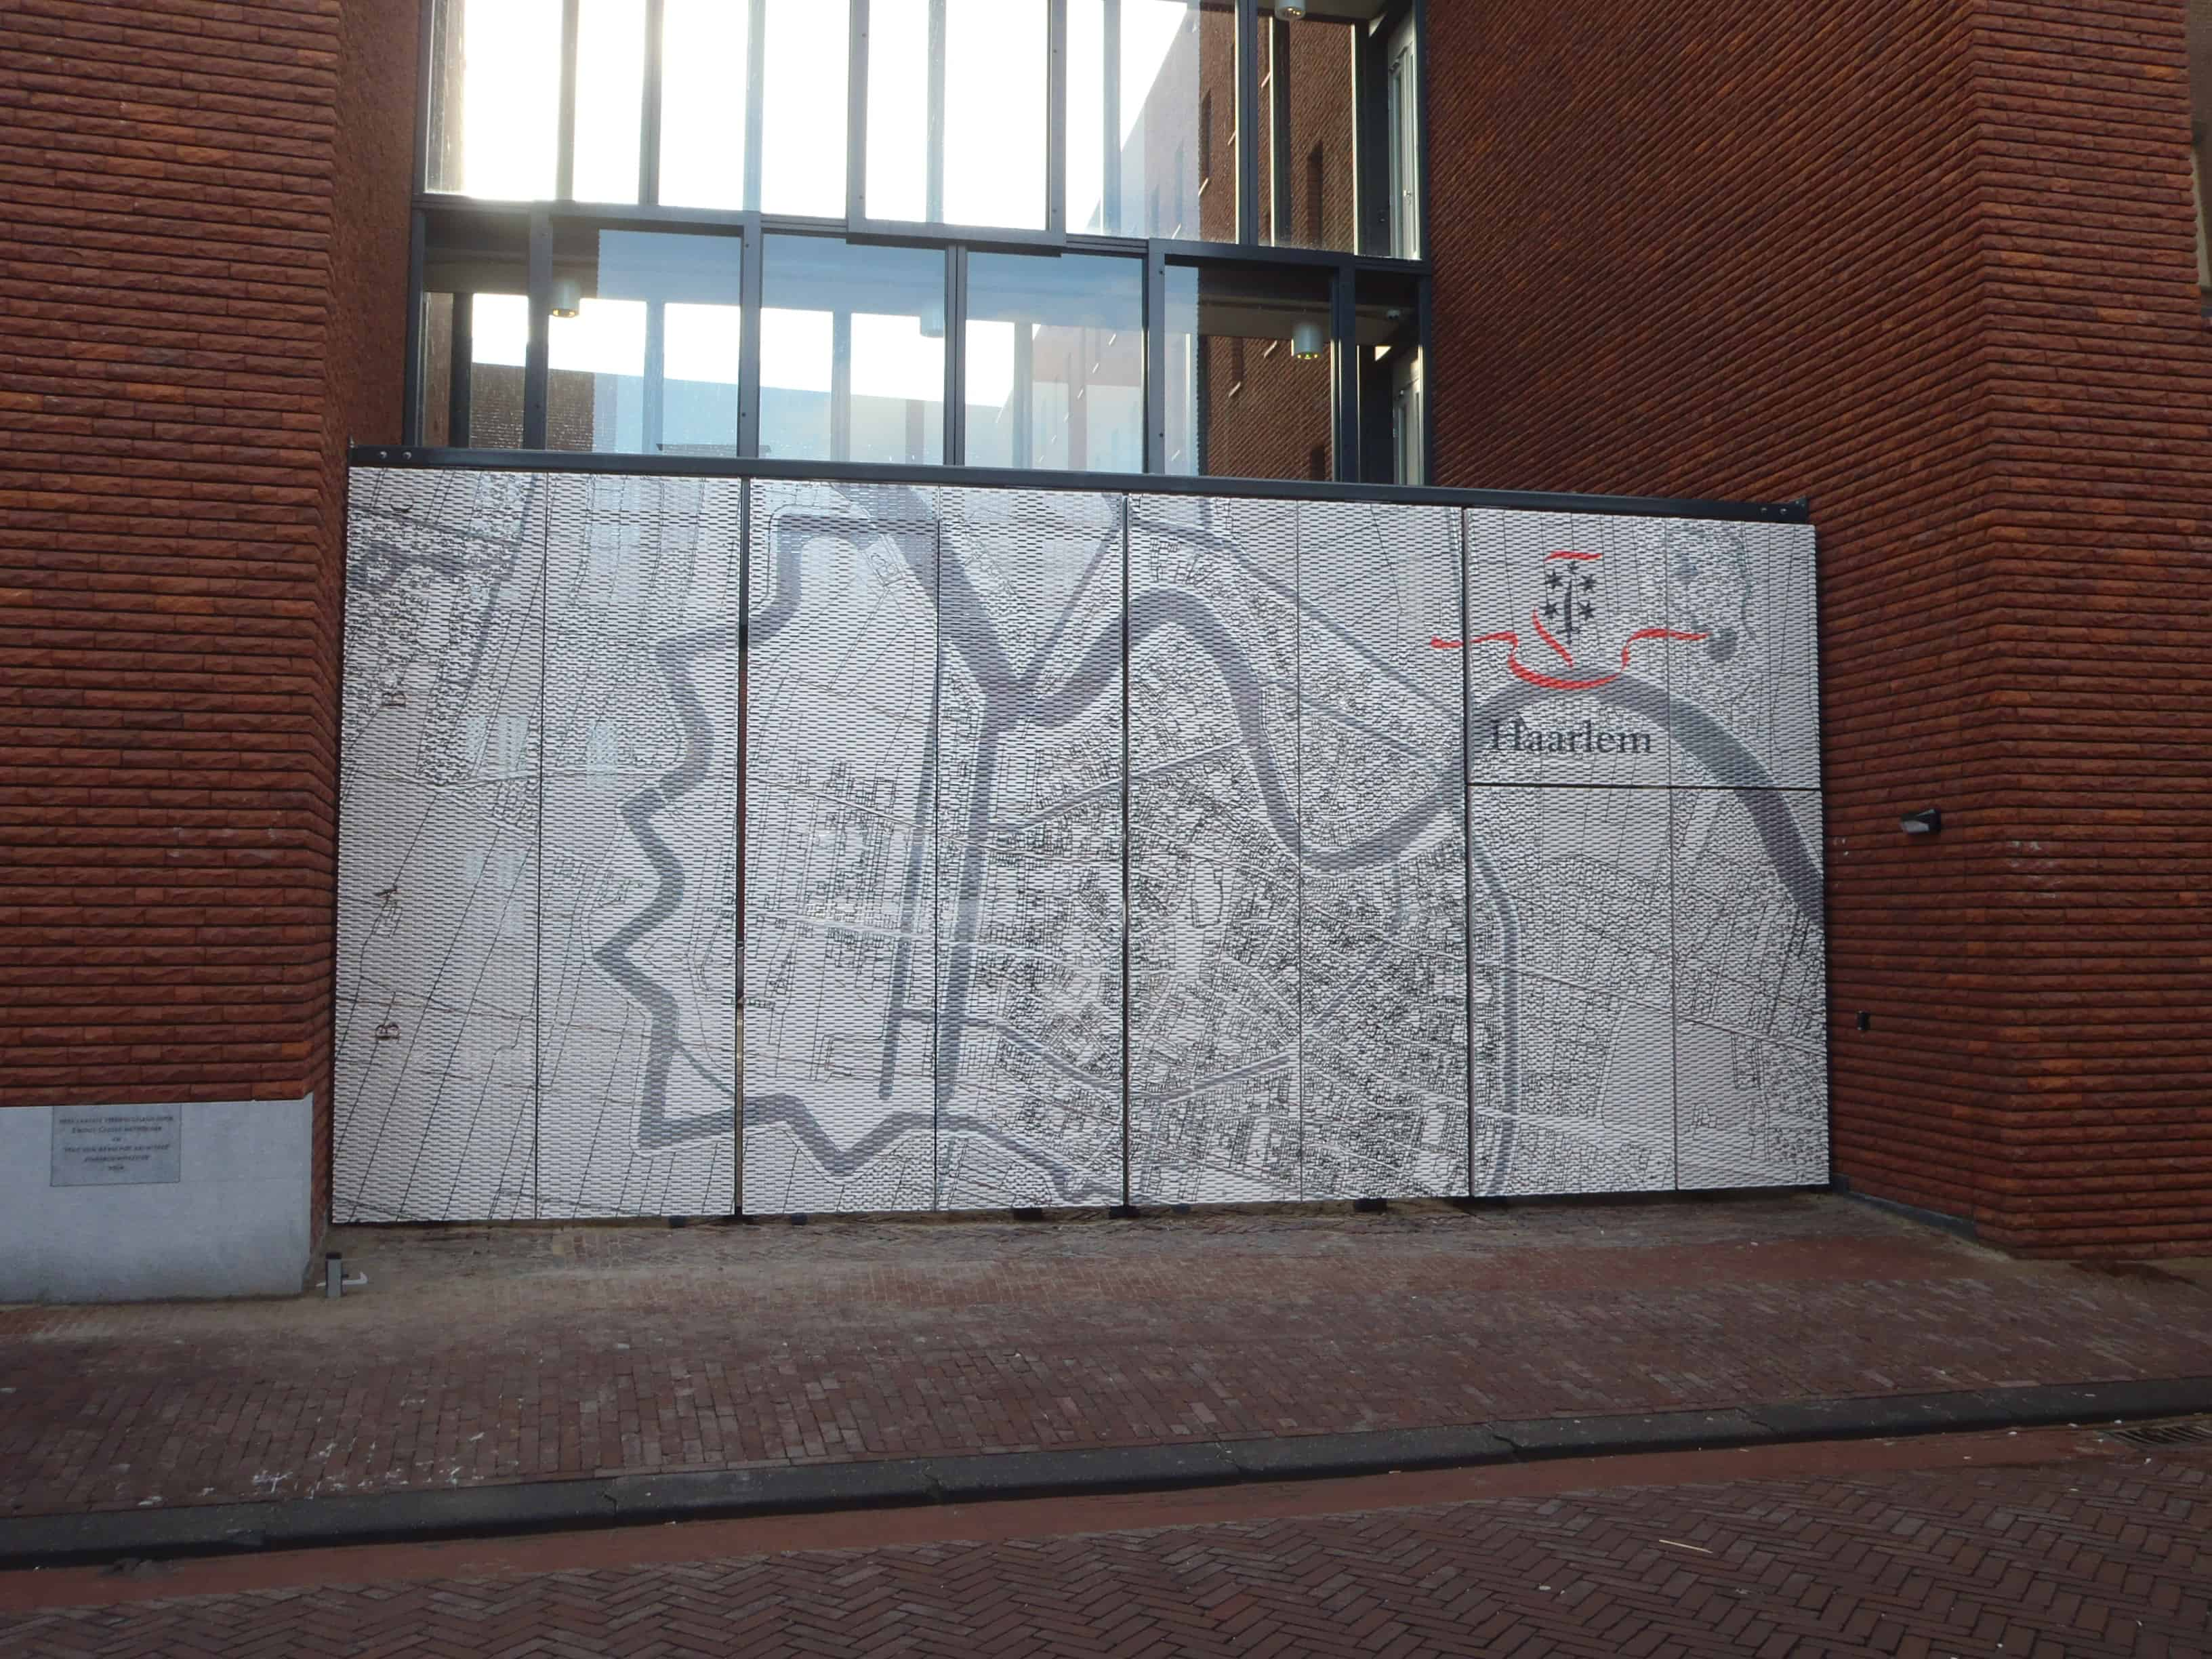 Inbraakwering_Zijlpoort_Haarlem